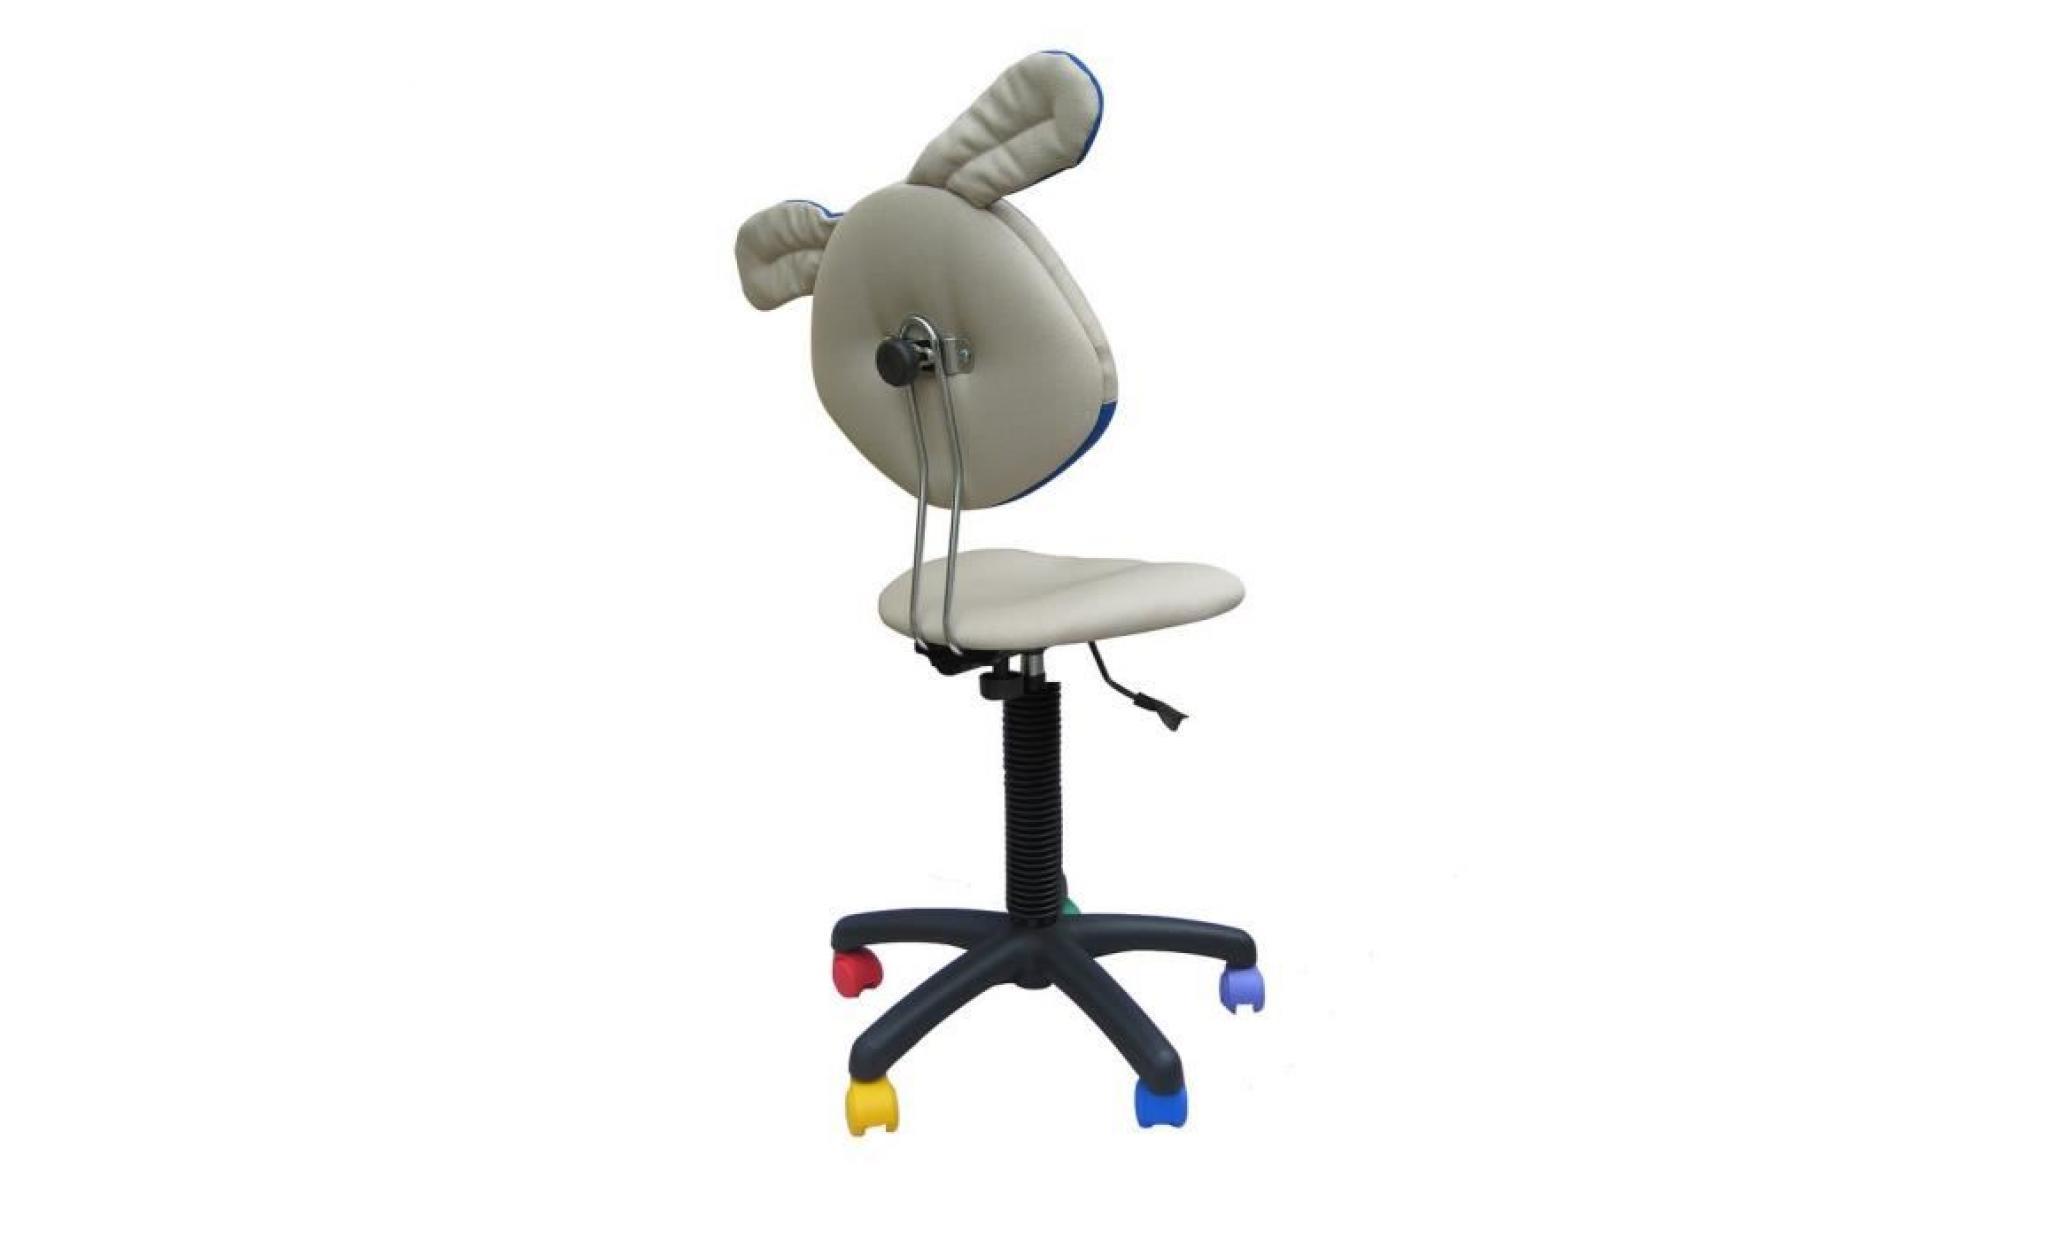 design intemporel fba06 5afe7 chaise jouet chien, fauteuil de bureau enfant. beige. rouge